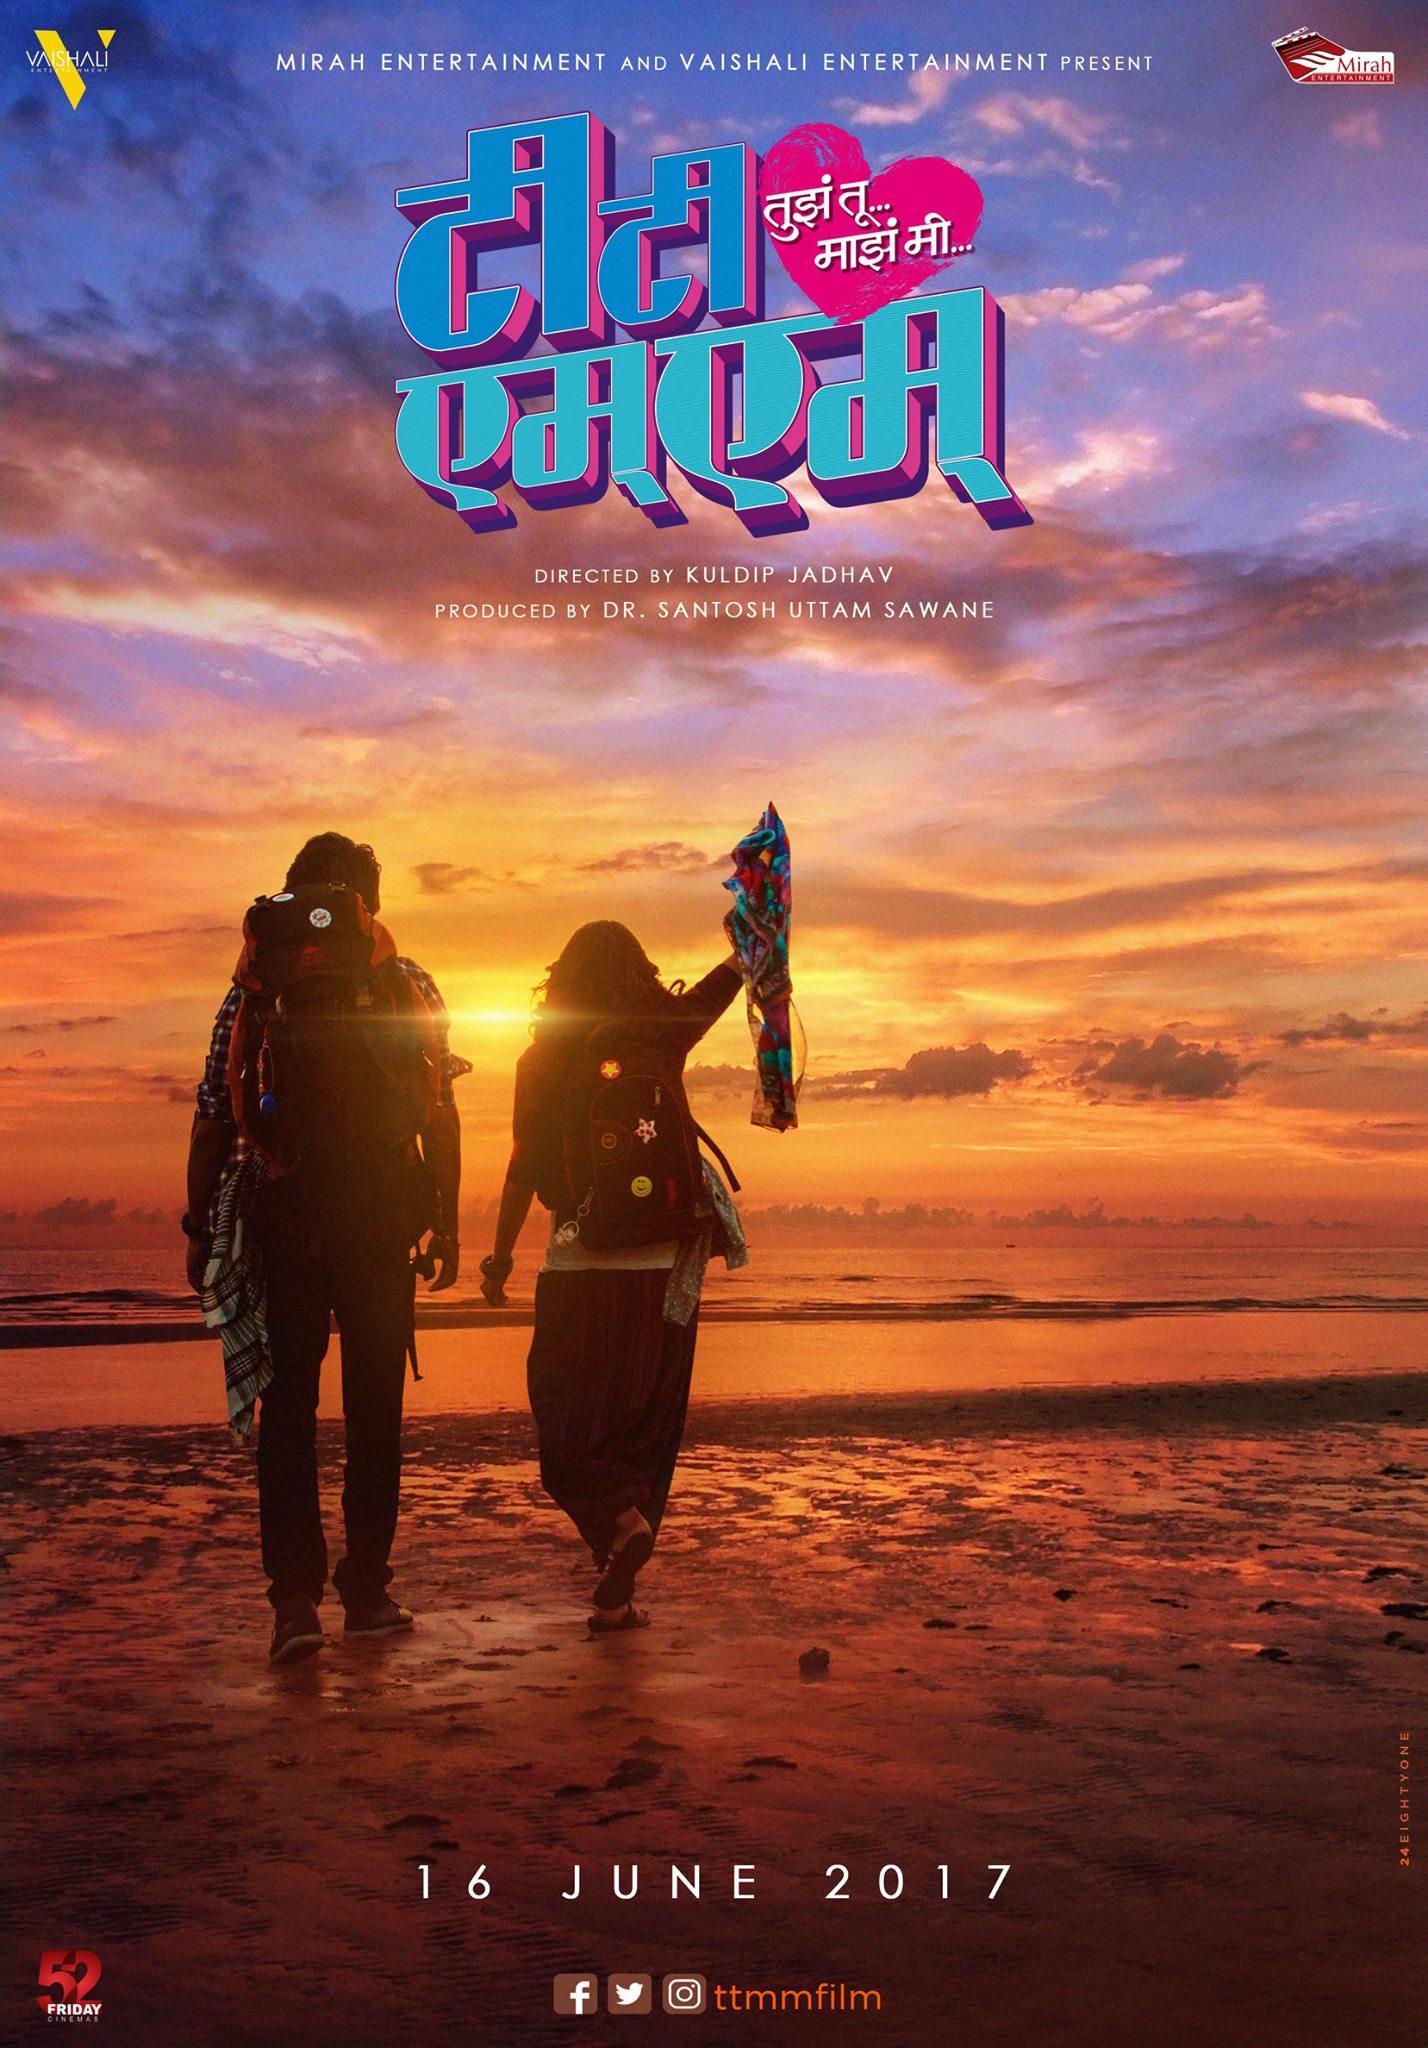 ttmm 2017 marathi movie cast release date wiki trailer